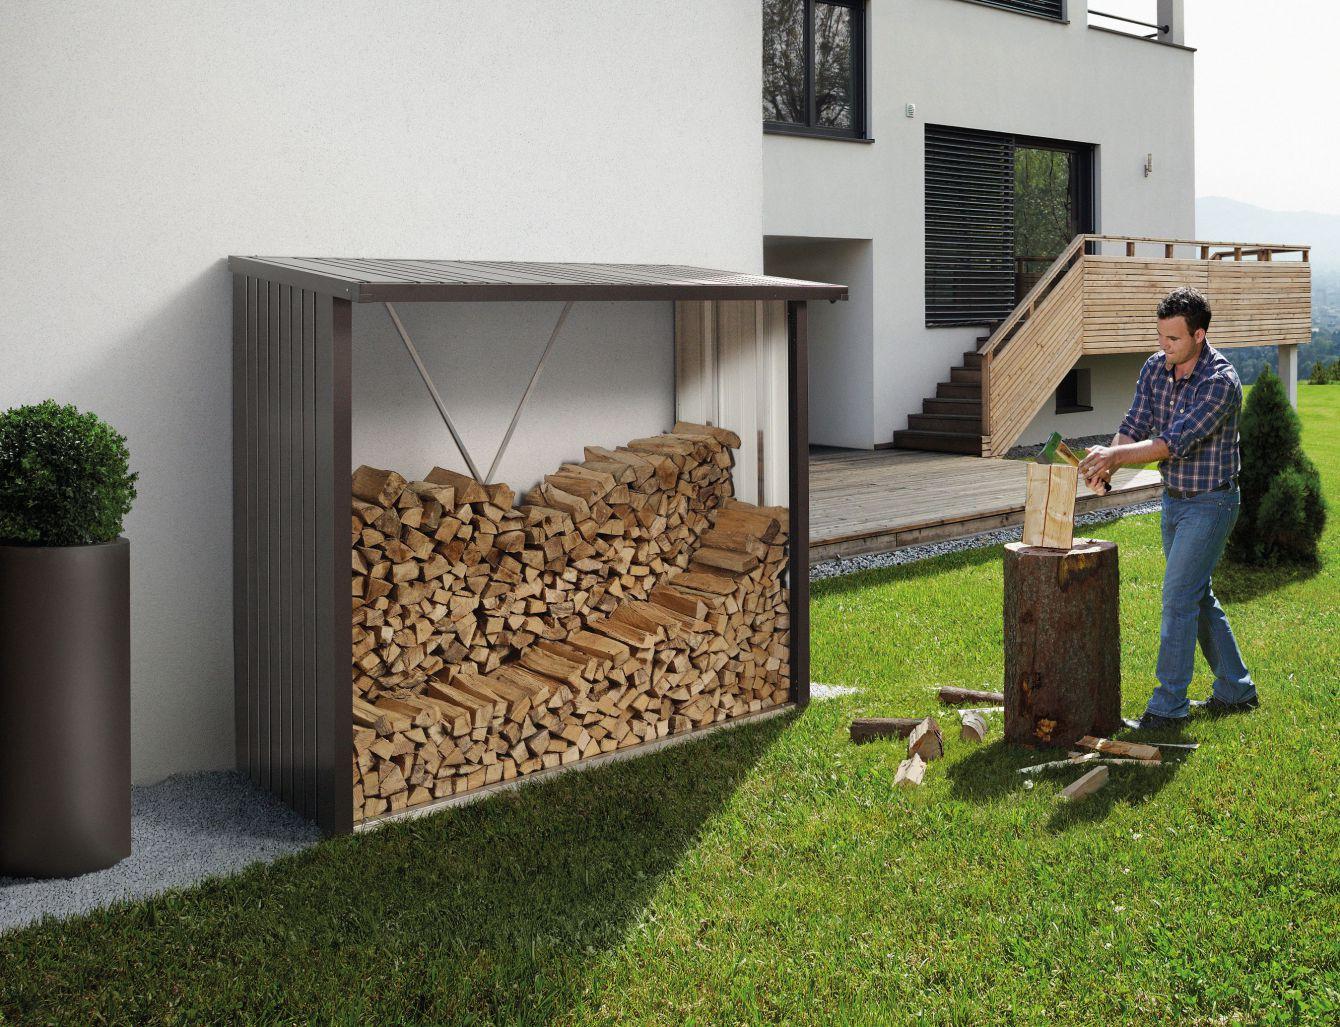 biohort blumenmarkt dietrich. Black Bedroom Furniture Sets. Home Design Ideas